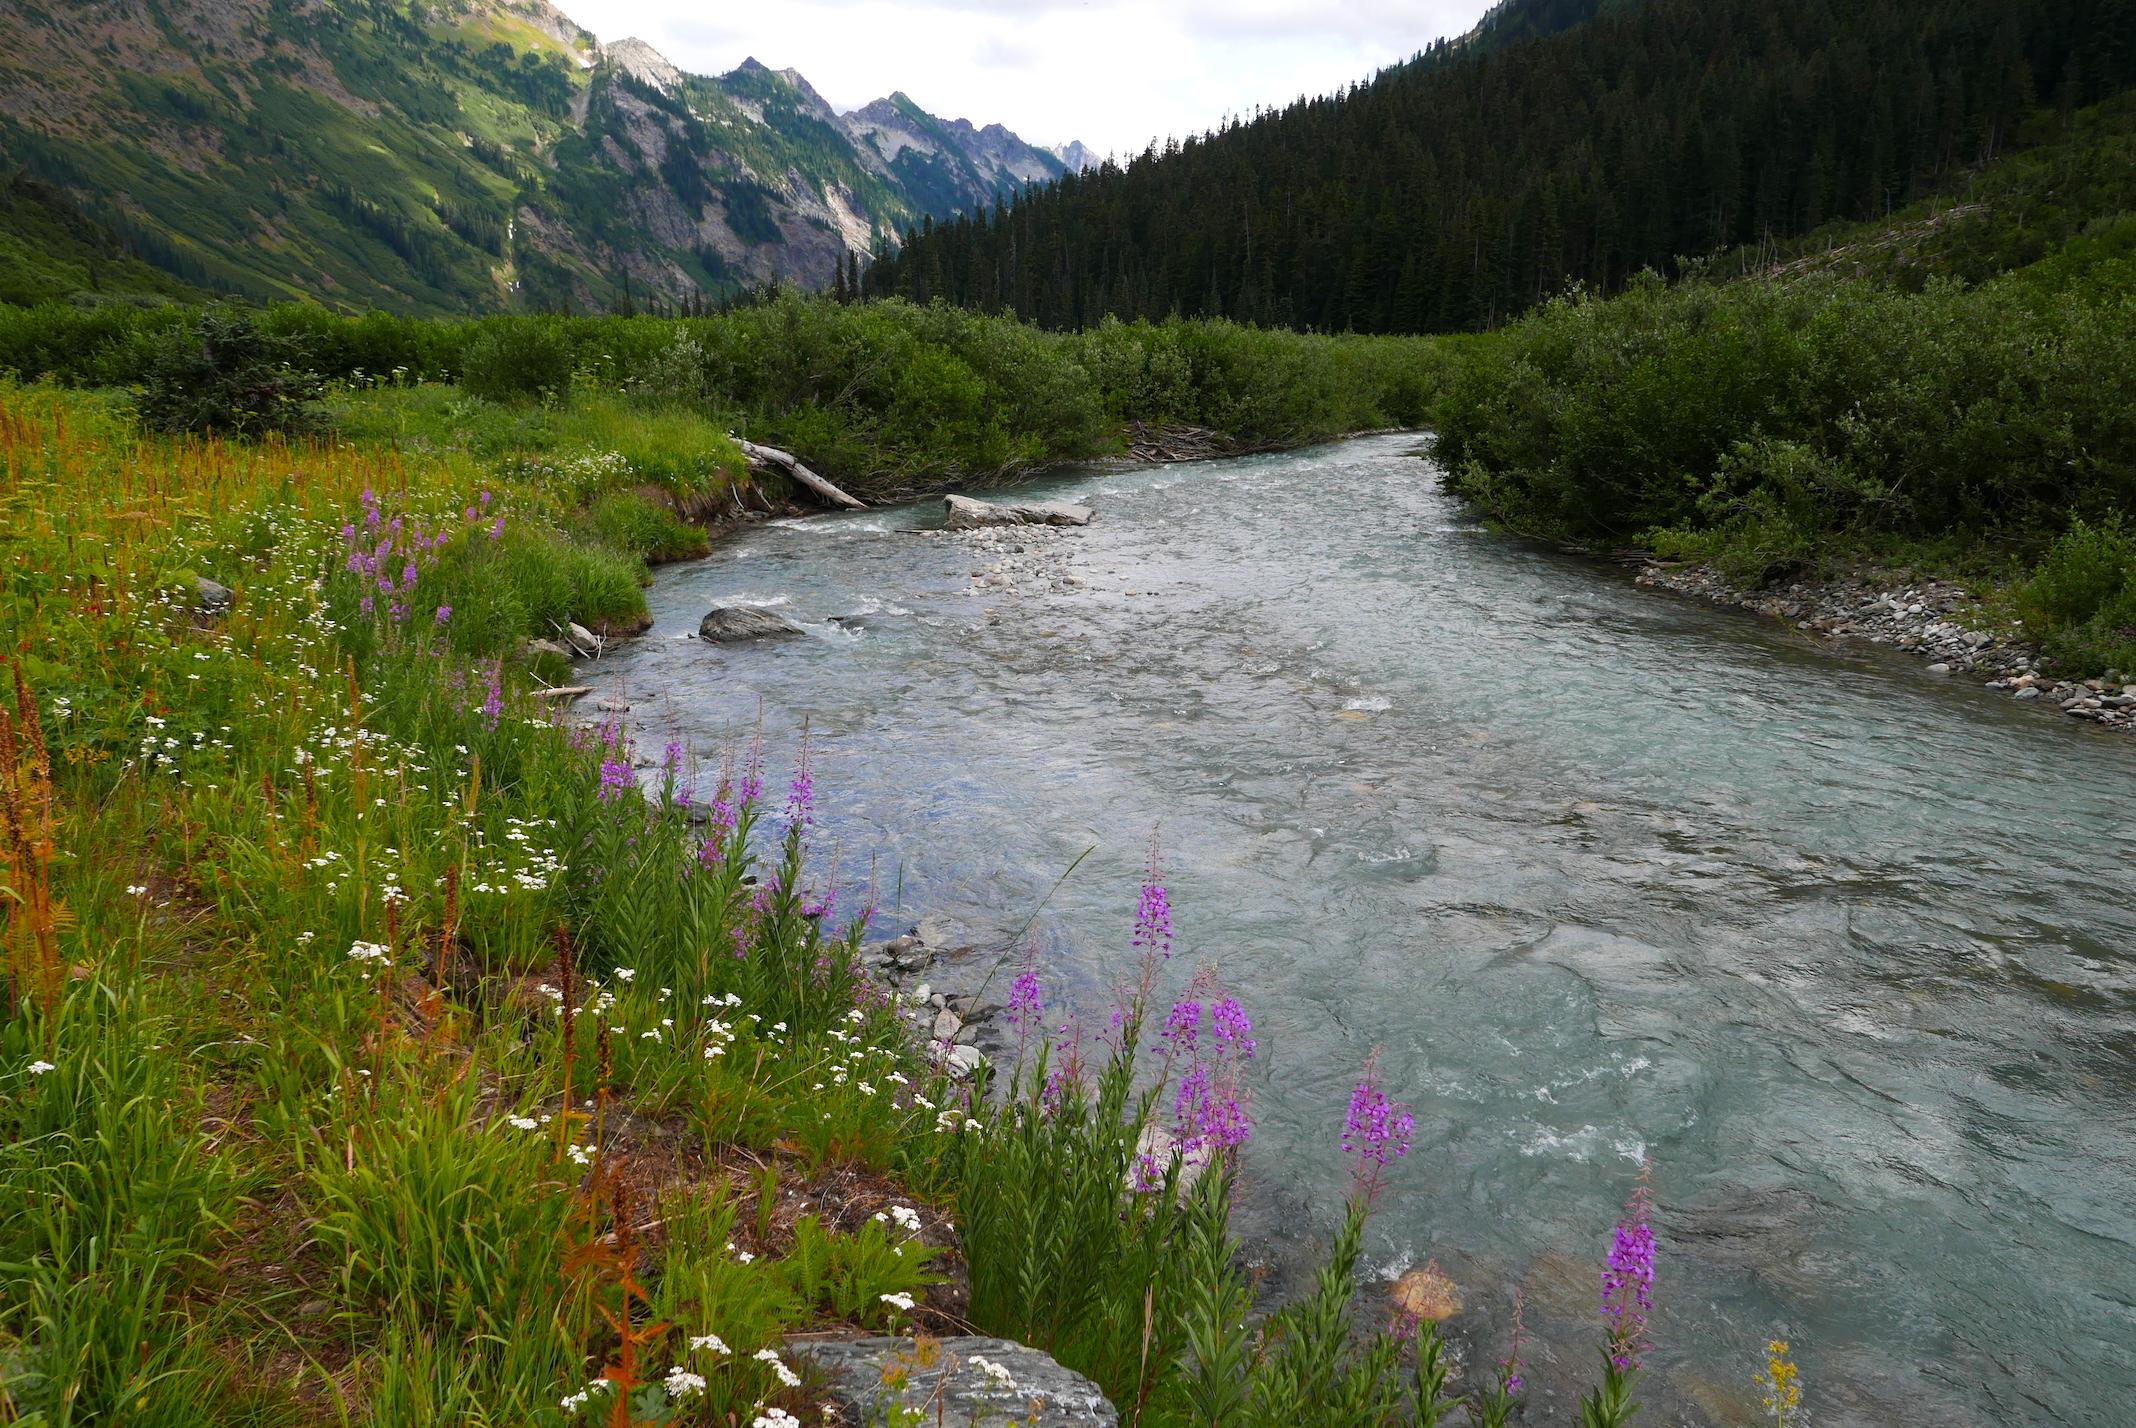 the verdant Napeequa Valley